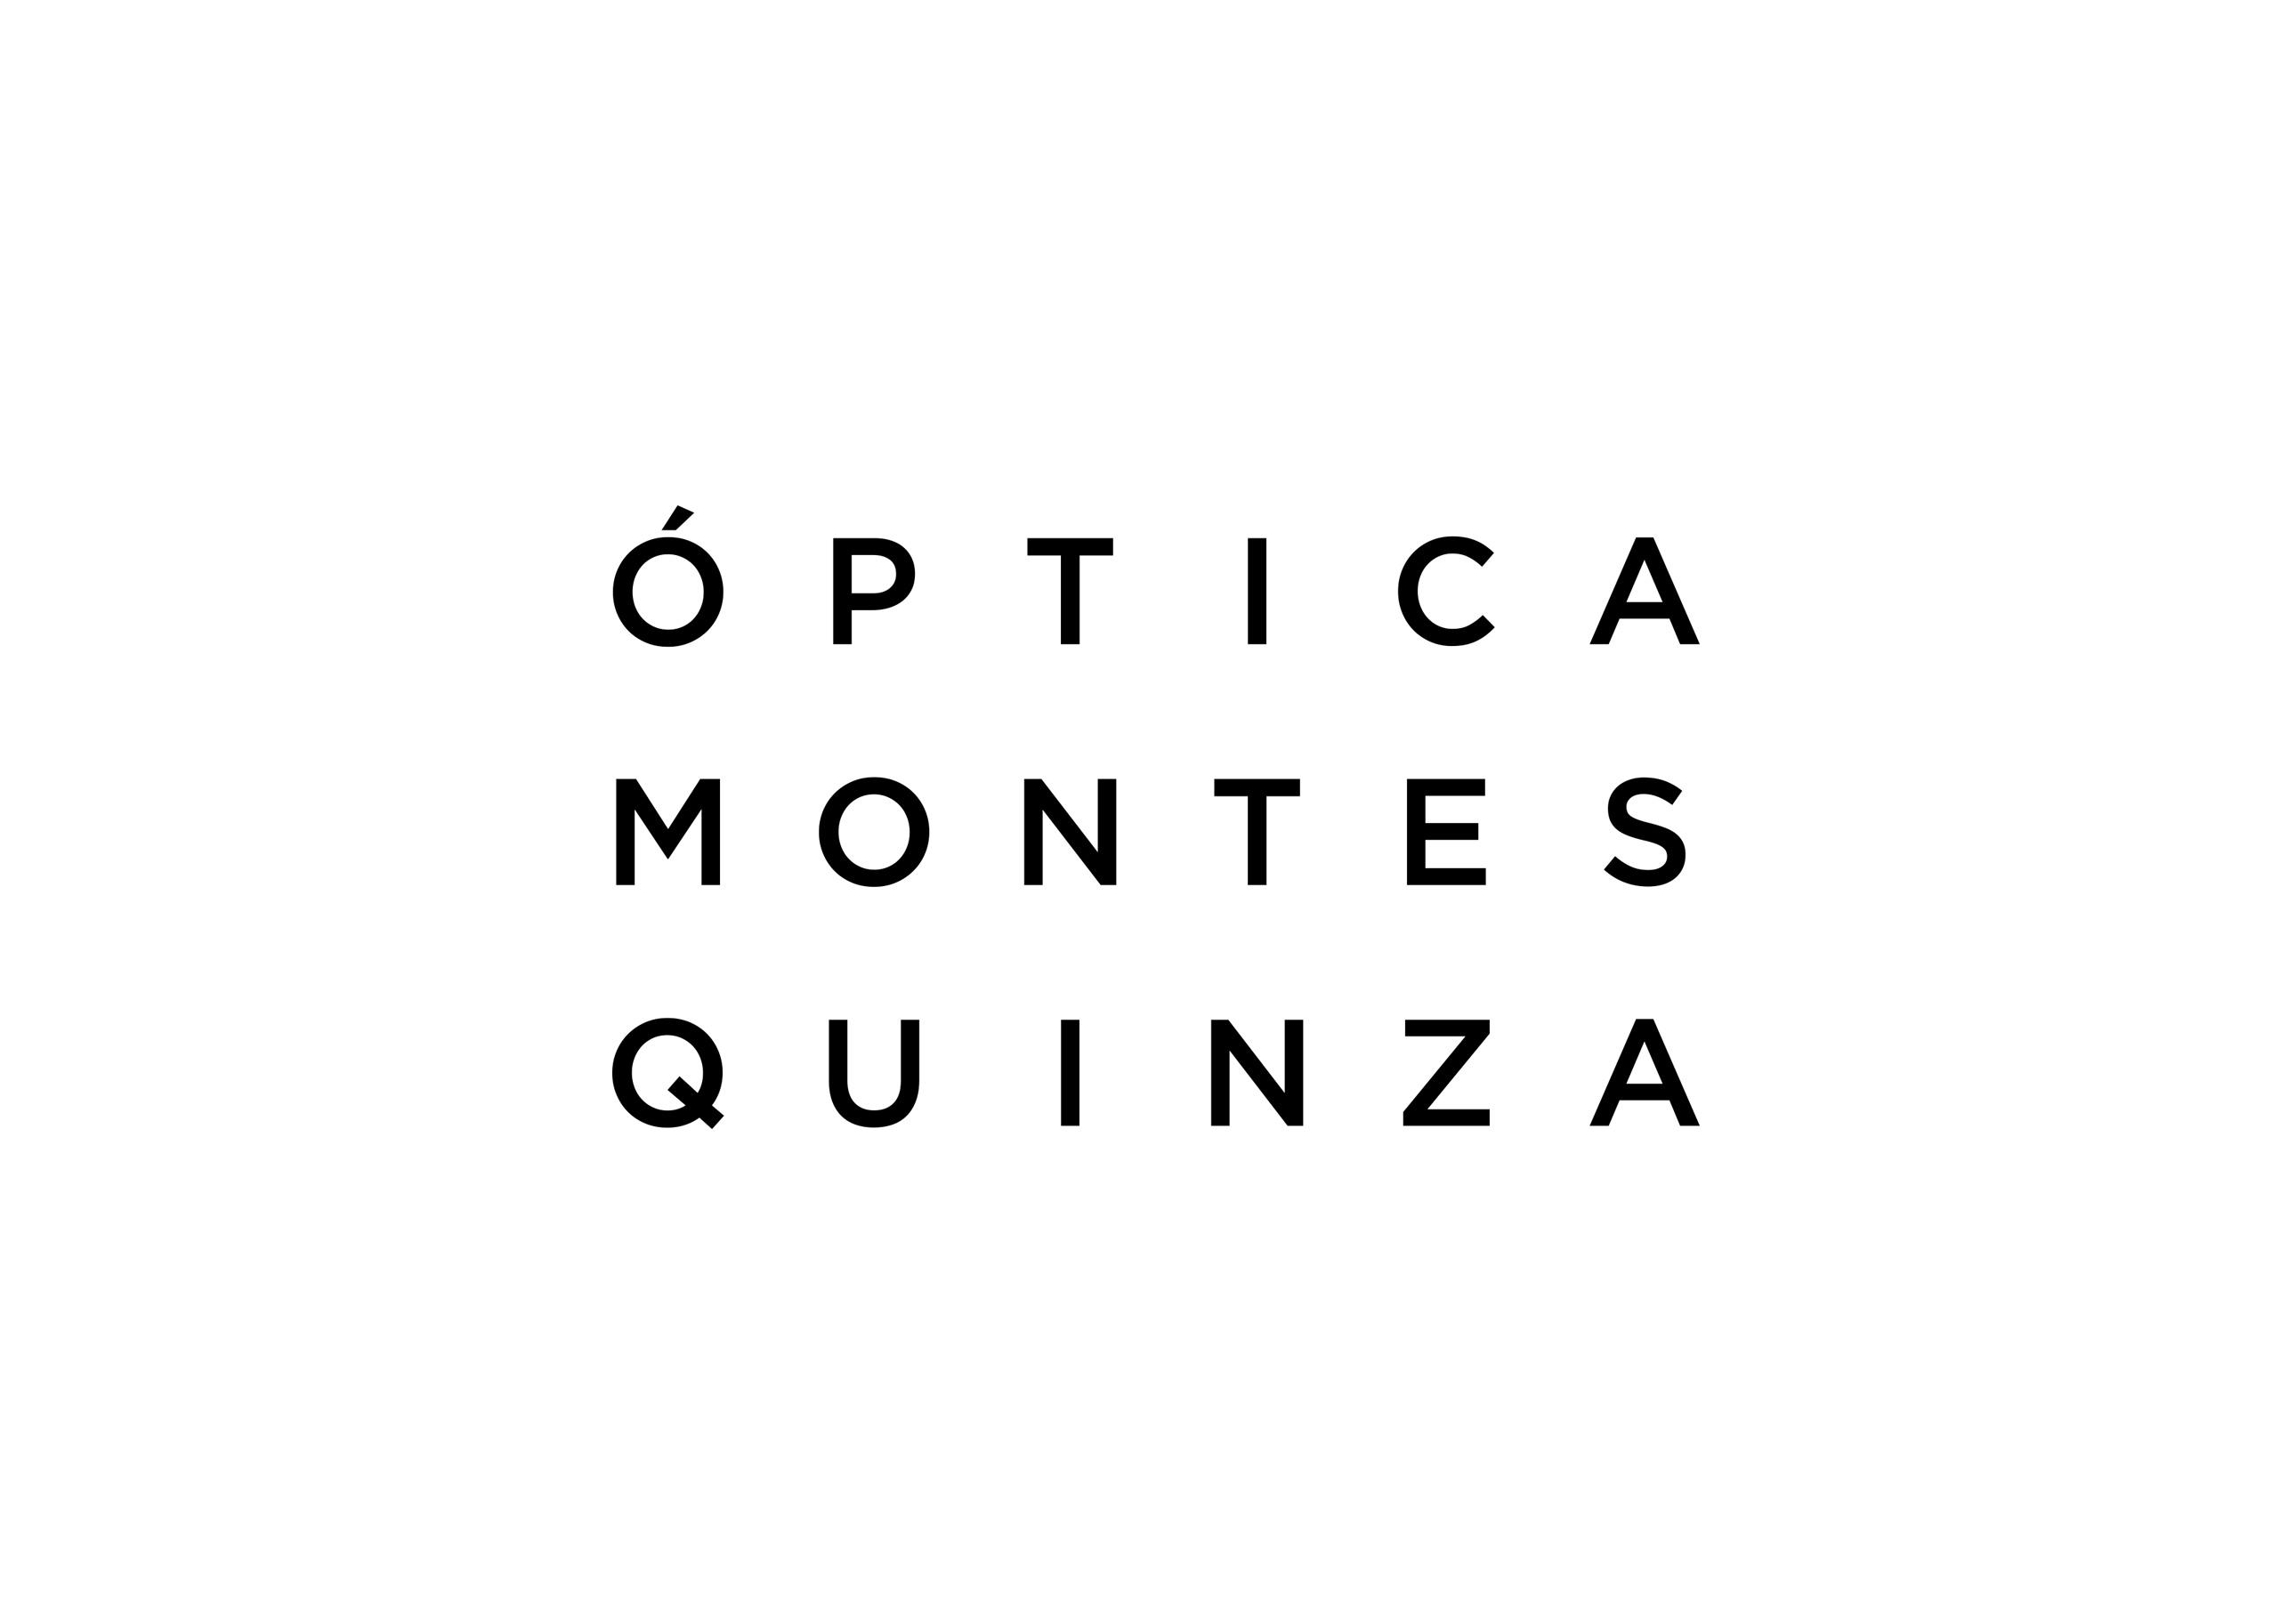 Imagen Montesquinza